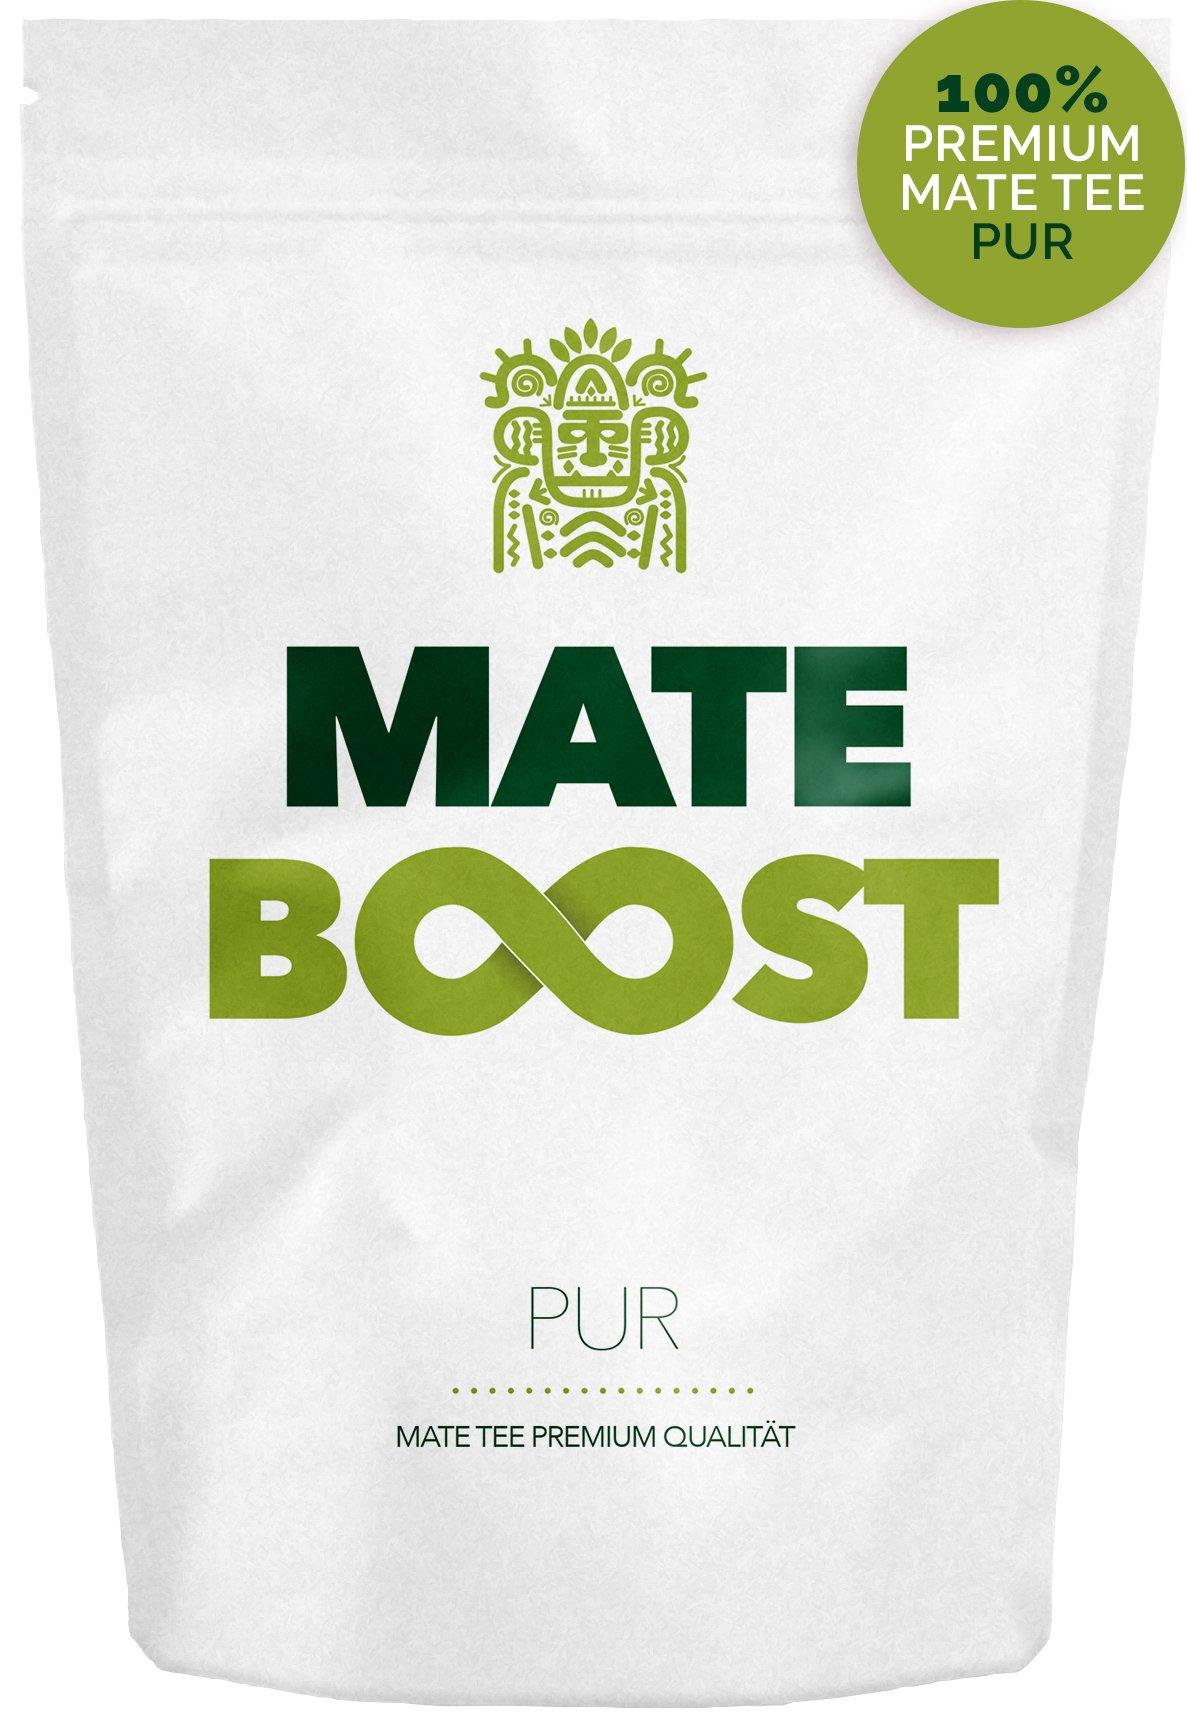 MATE-BOOST-100-Purer-Premium-Mate-Tee-Nur-die-erlesenste-Mischung-aus-Sdamerika-70g